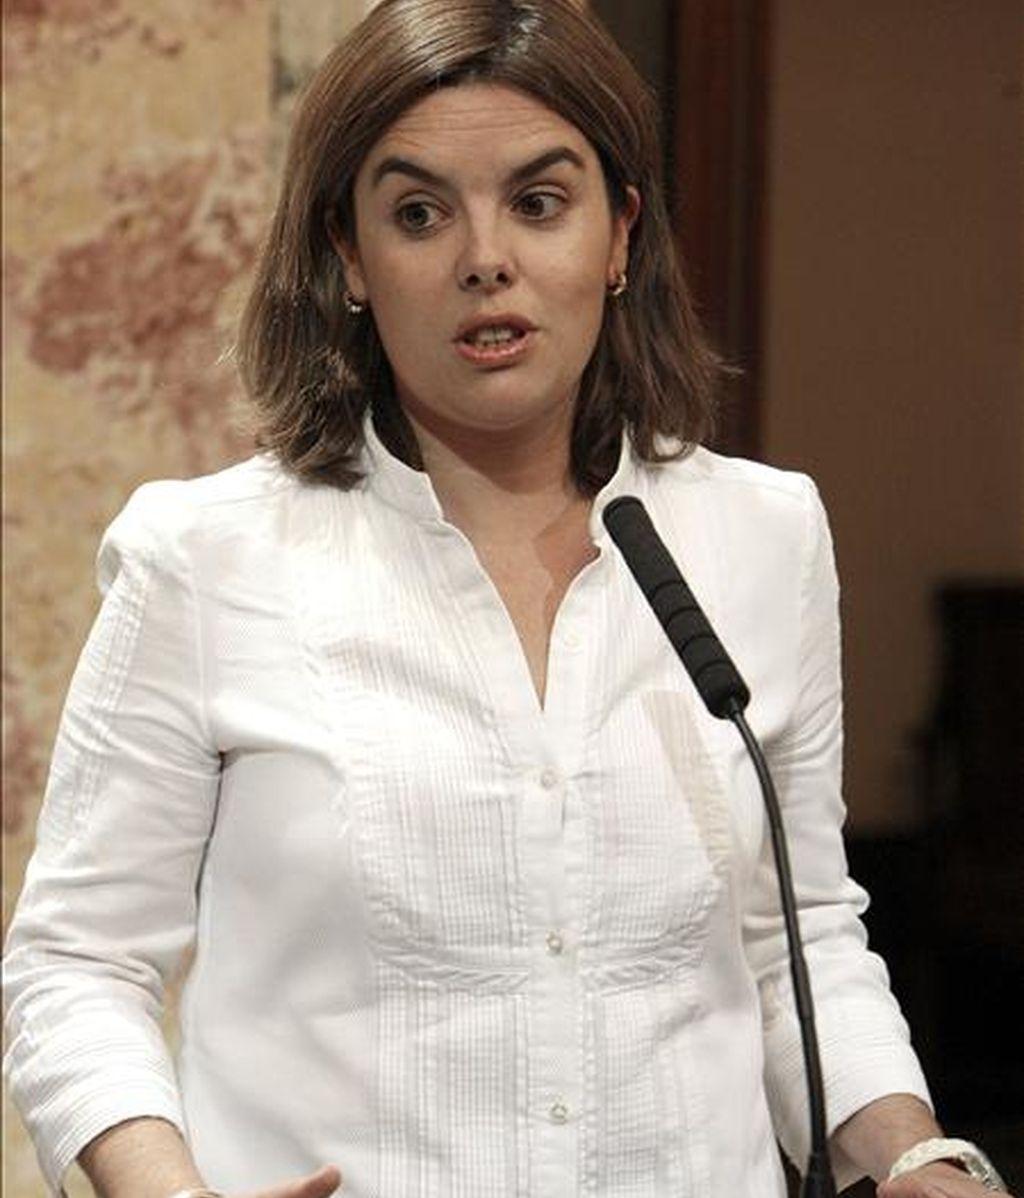 La portavoz del grupo parlamentario popular, Soraya Sáenz de Santamaría. EFE/Archivo